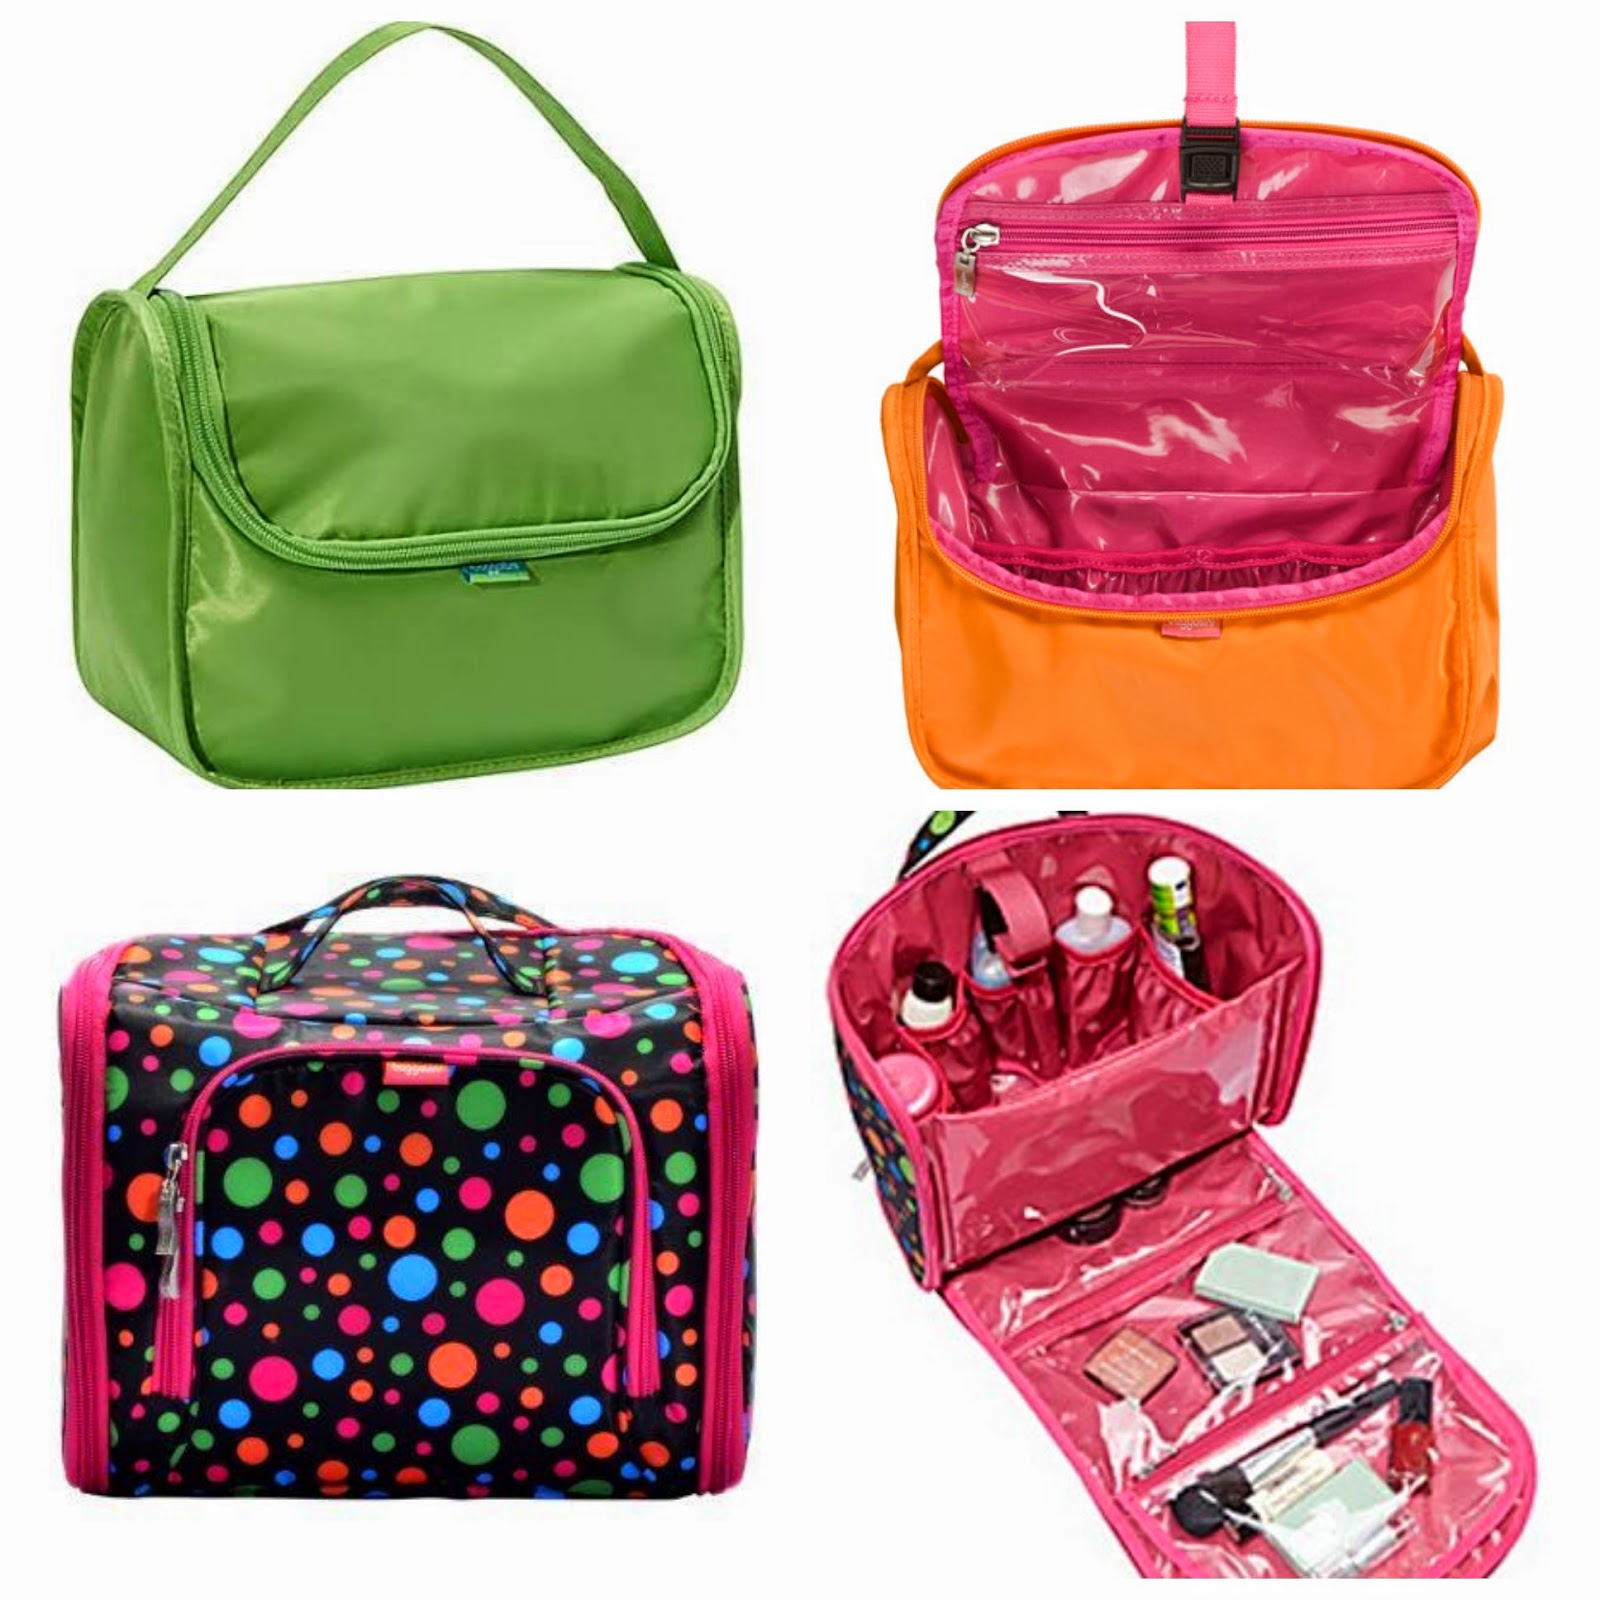 Baggallini Full Cosmetic Kit Or Grooming Bag